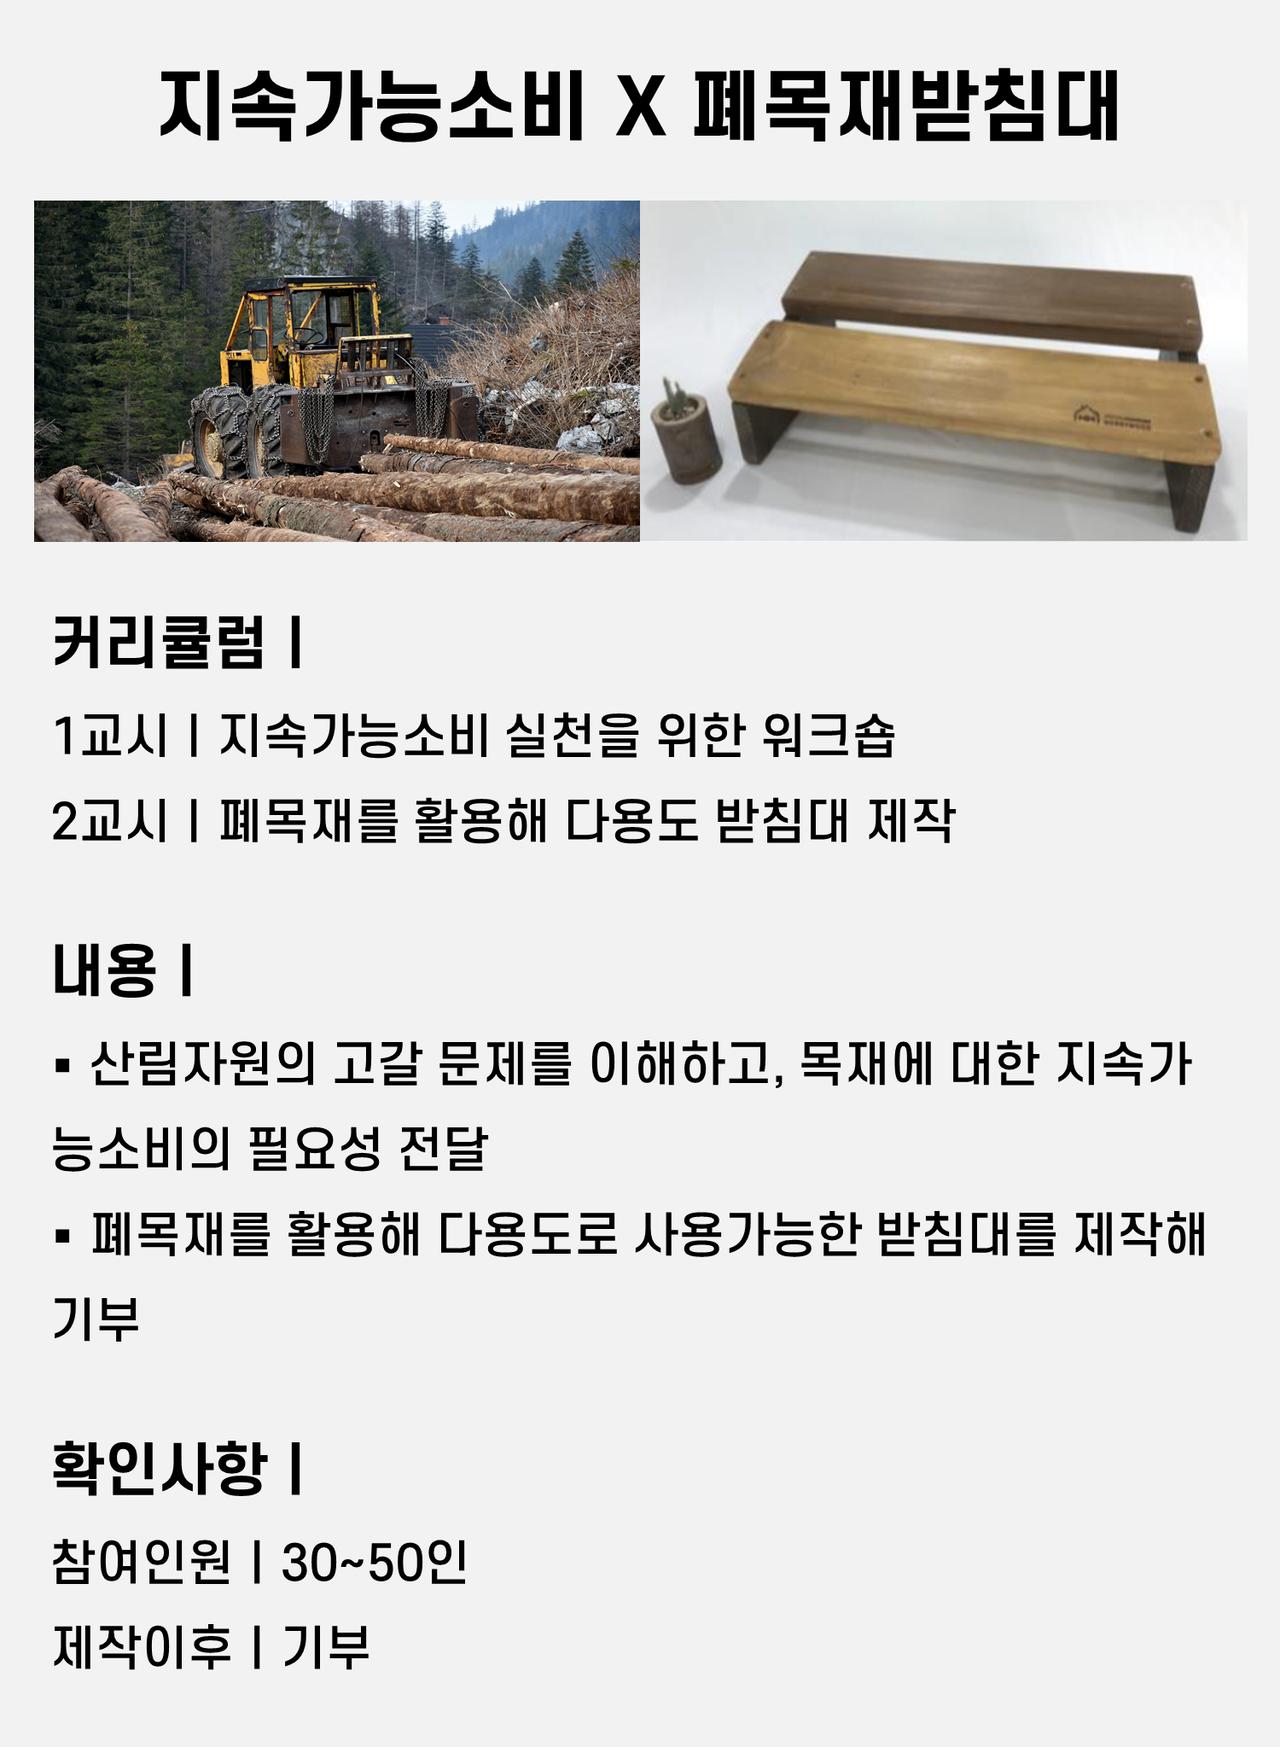 자원순환 산림 환경 지속가능소비 폐목재 업사이클링 업사이클